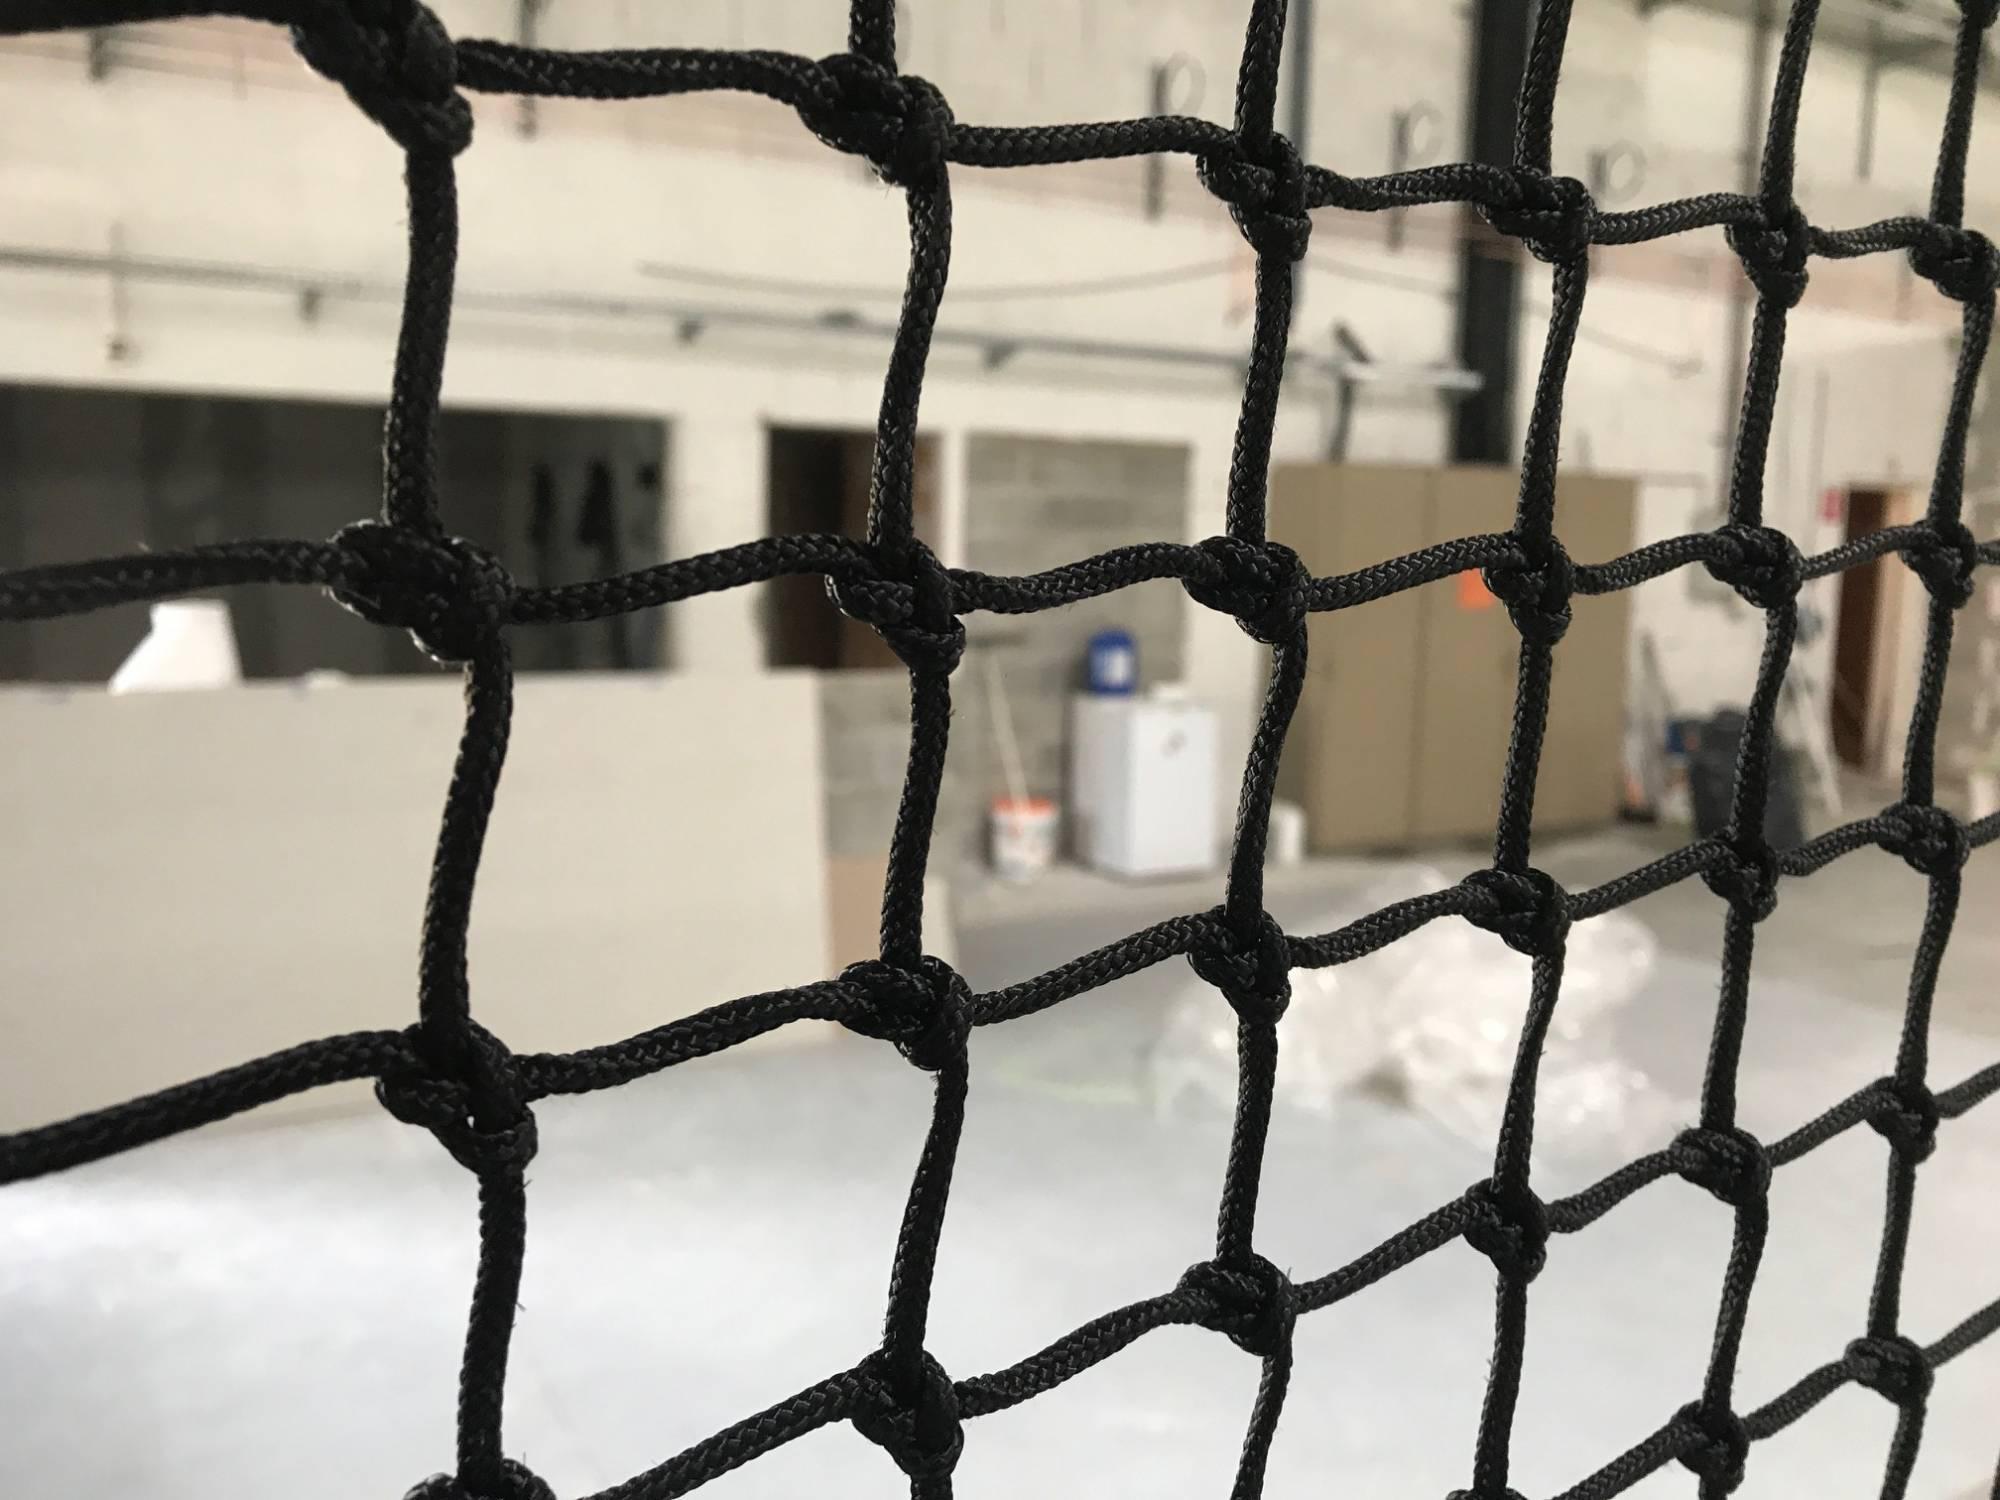 installation de filet pour une structure de soccer 5